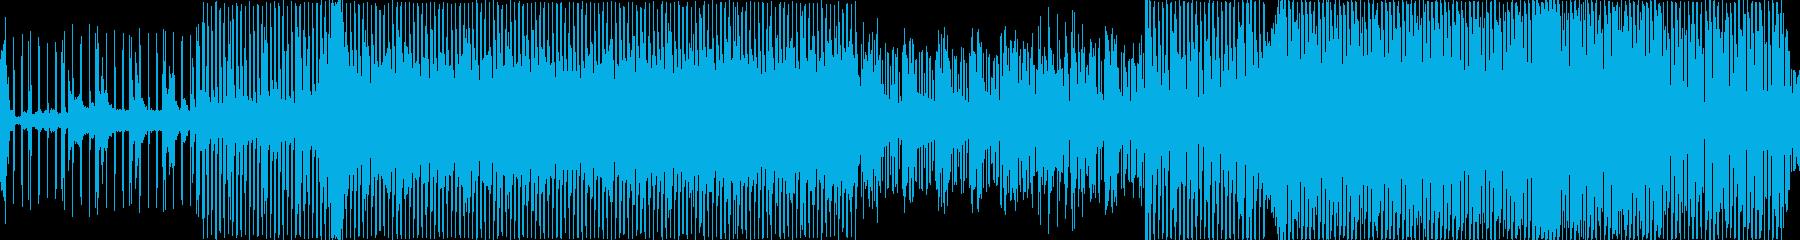 ロンド・ヴェネツィアーノ。 80年...の再生済みの波形